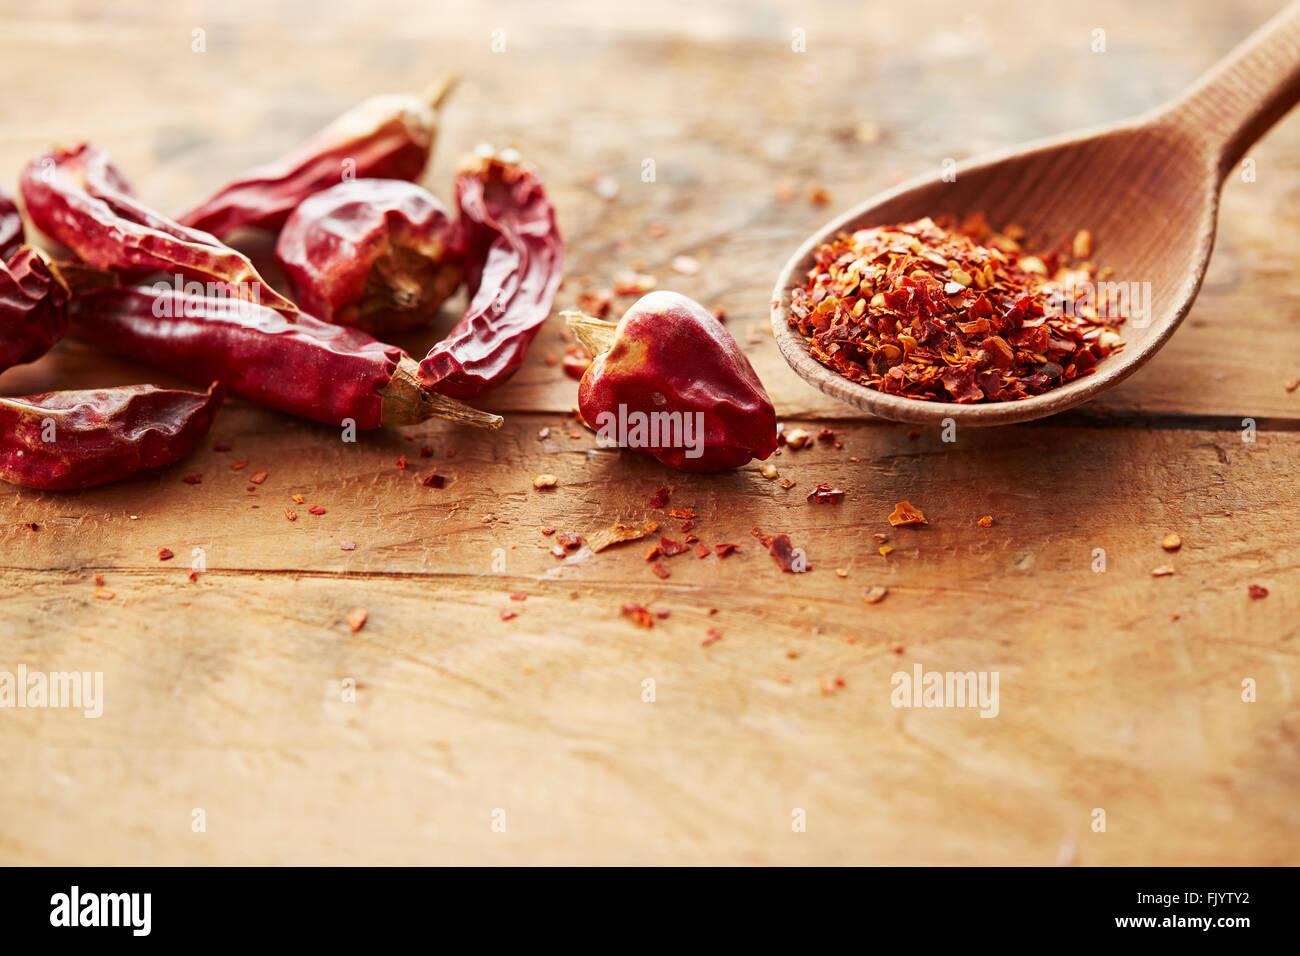 Kochlöffel mit Chili Paprikaflocken und ganze Paprika Stockbild